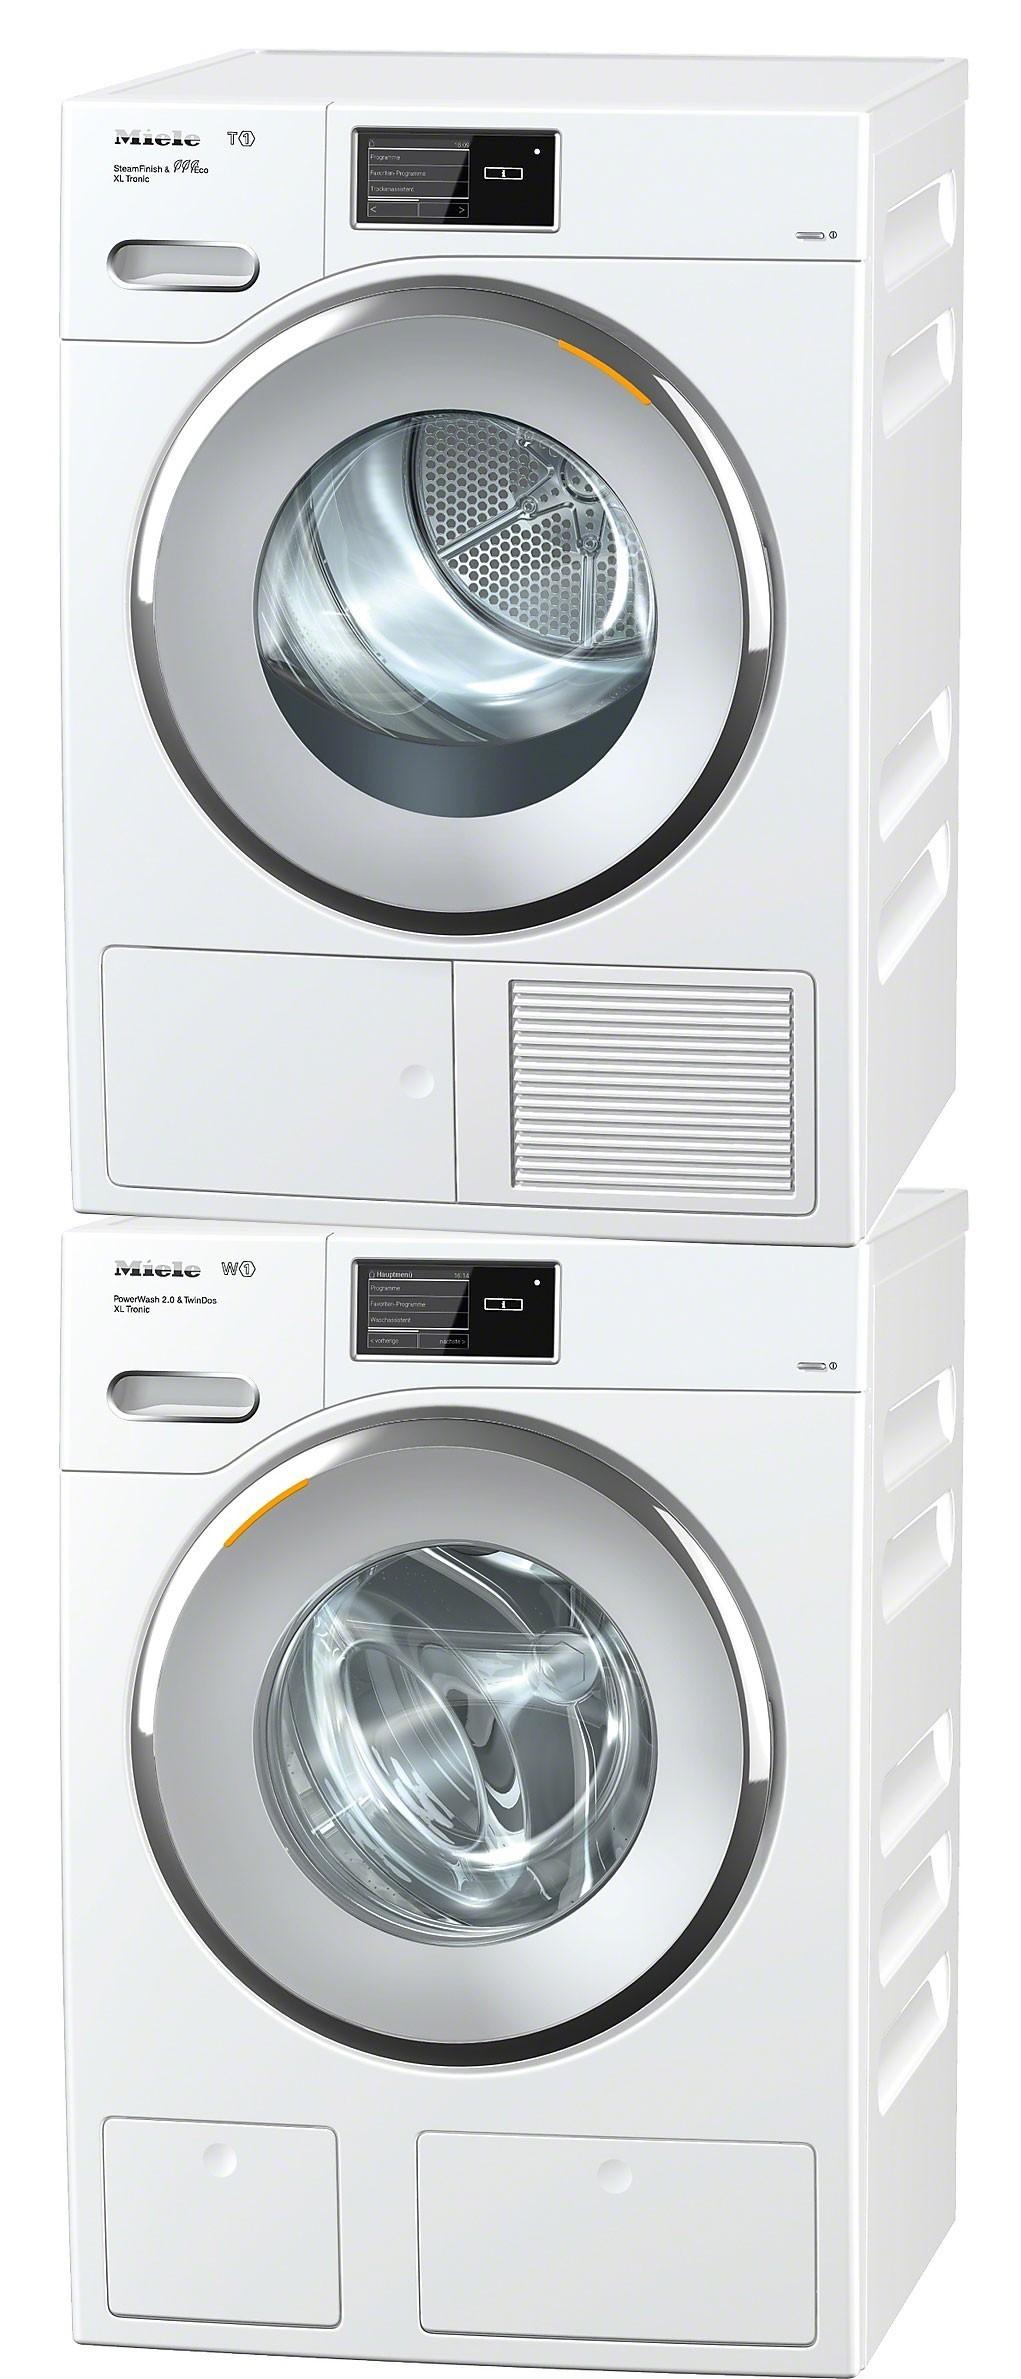 colonne de lavage et s chage miele wmv 900 60 ch tmv 800 40 ch. Black Bedroom Furniture Sets. Home Design Ideas